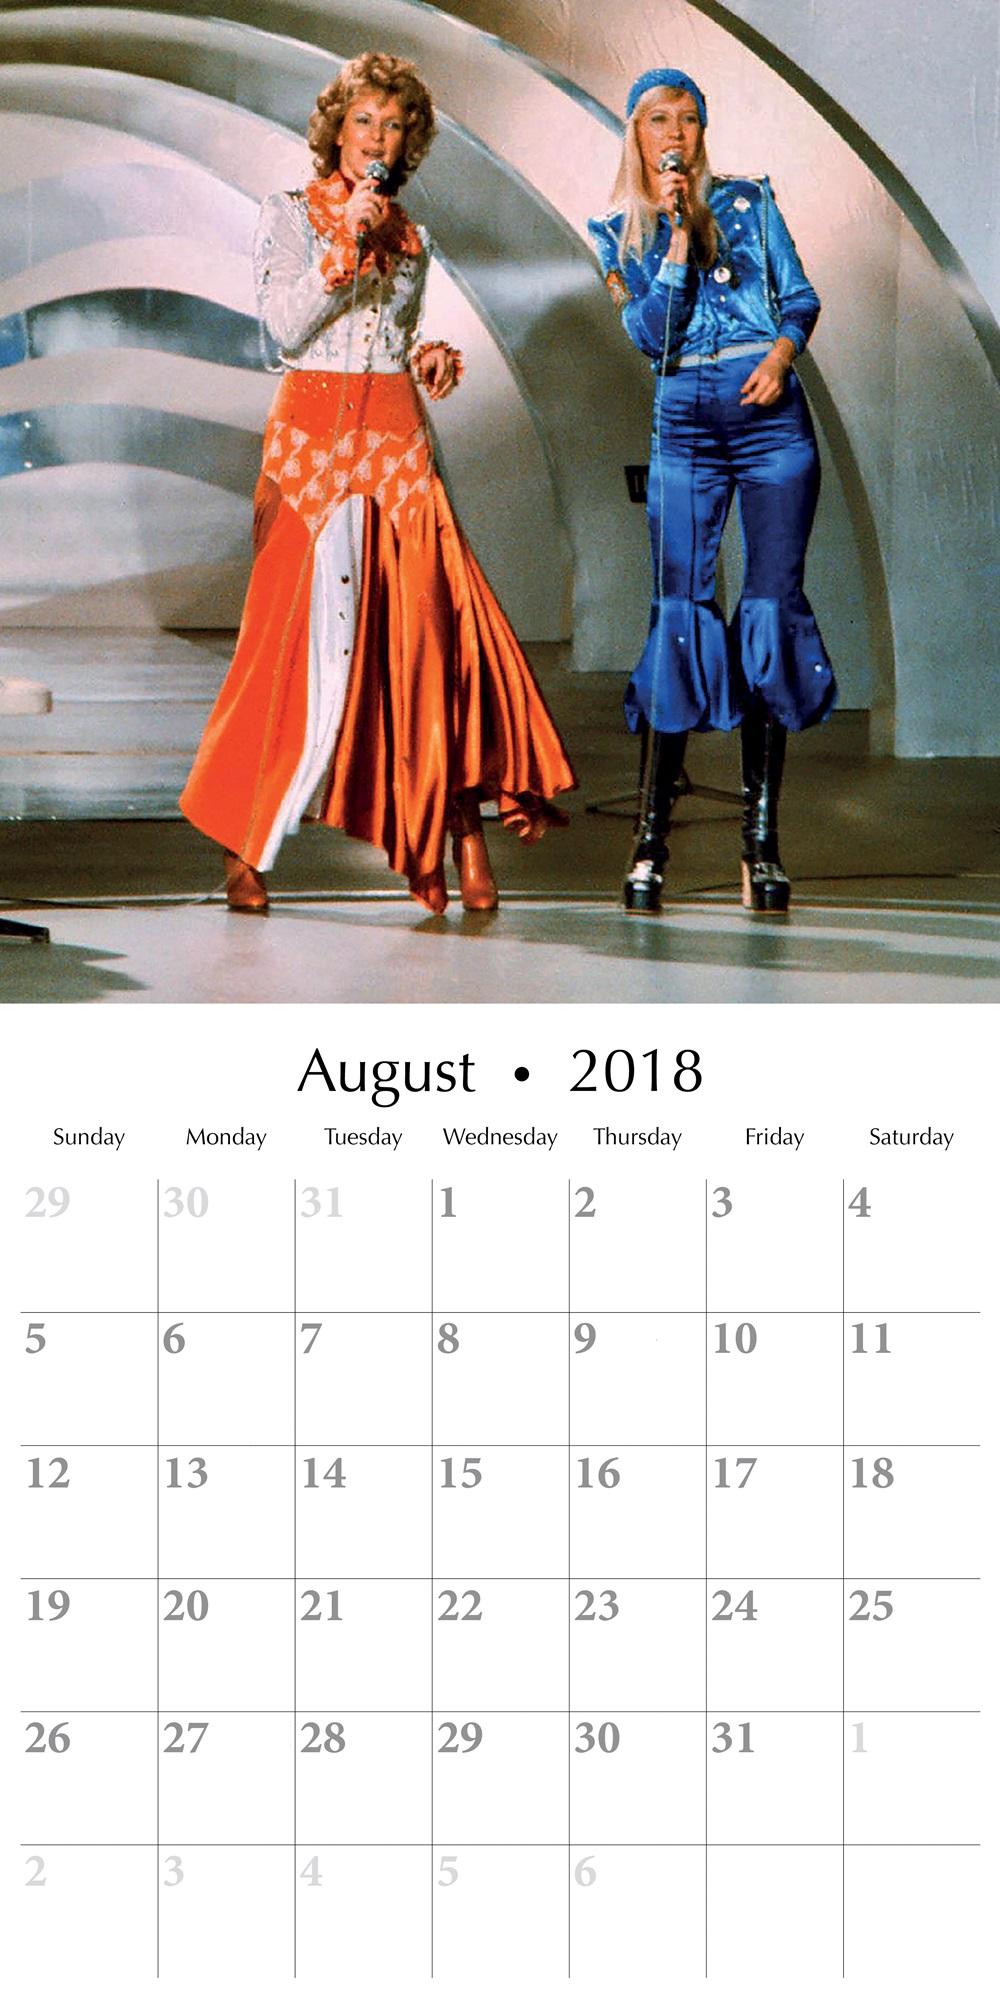 Free August 2018 Wall Calendar